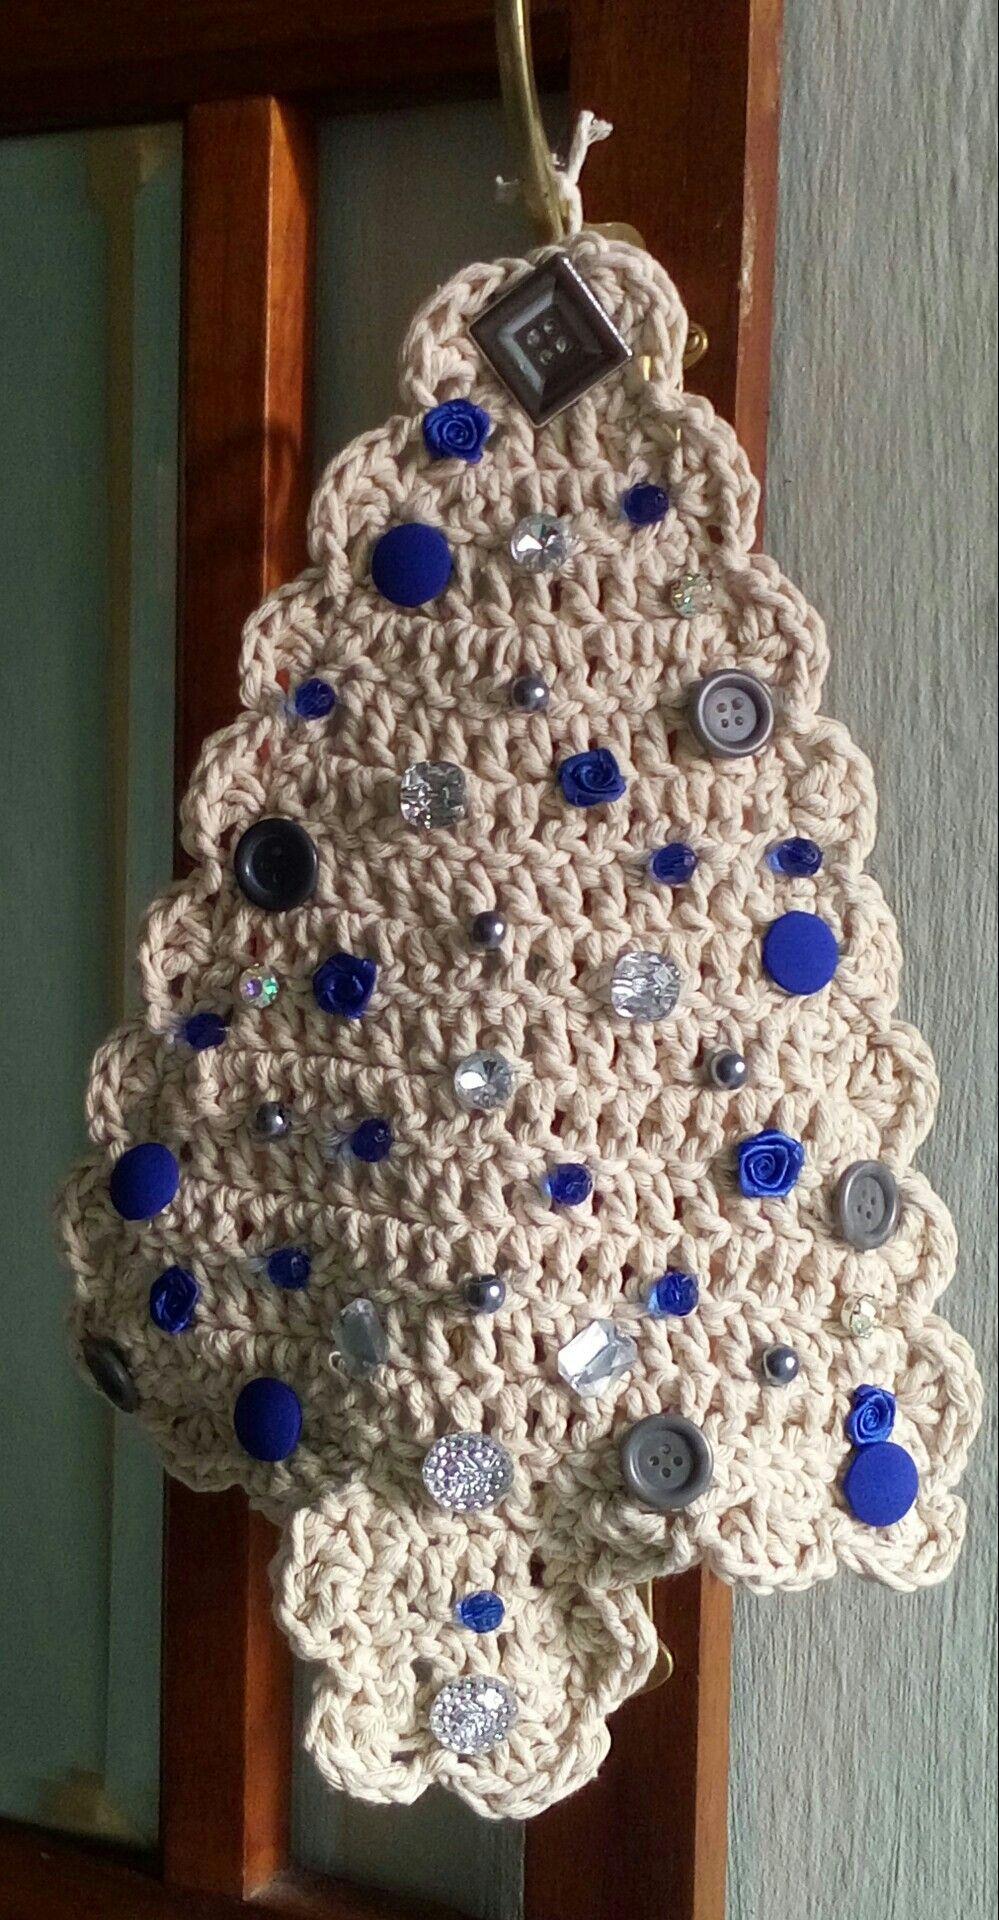 Enfeite de Natal para a porta com botões, contas, pedrinhas e florezinhas de tecido